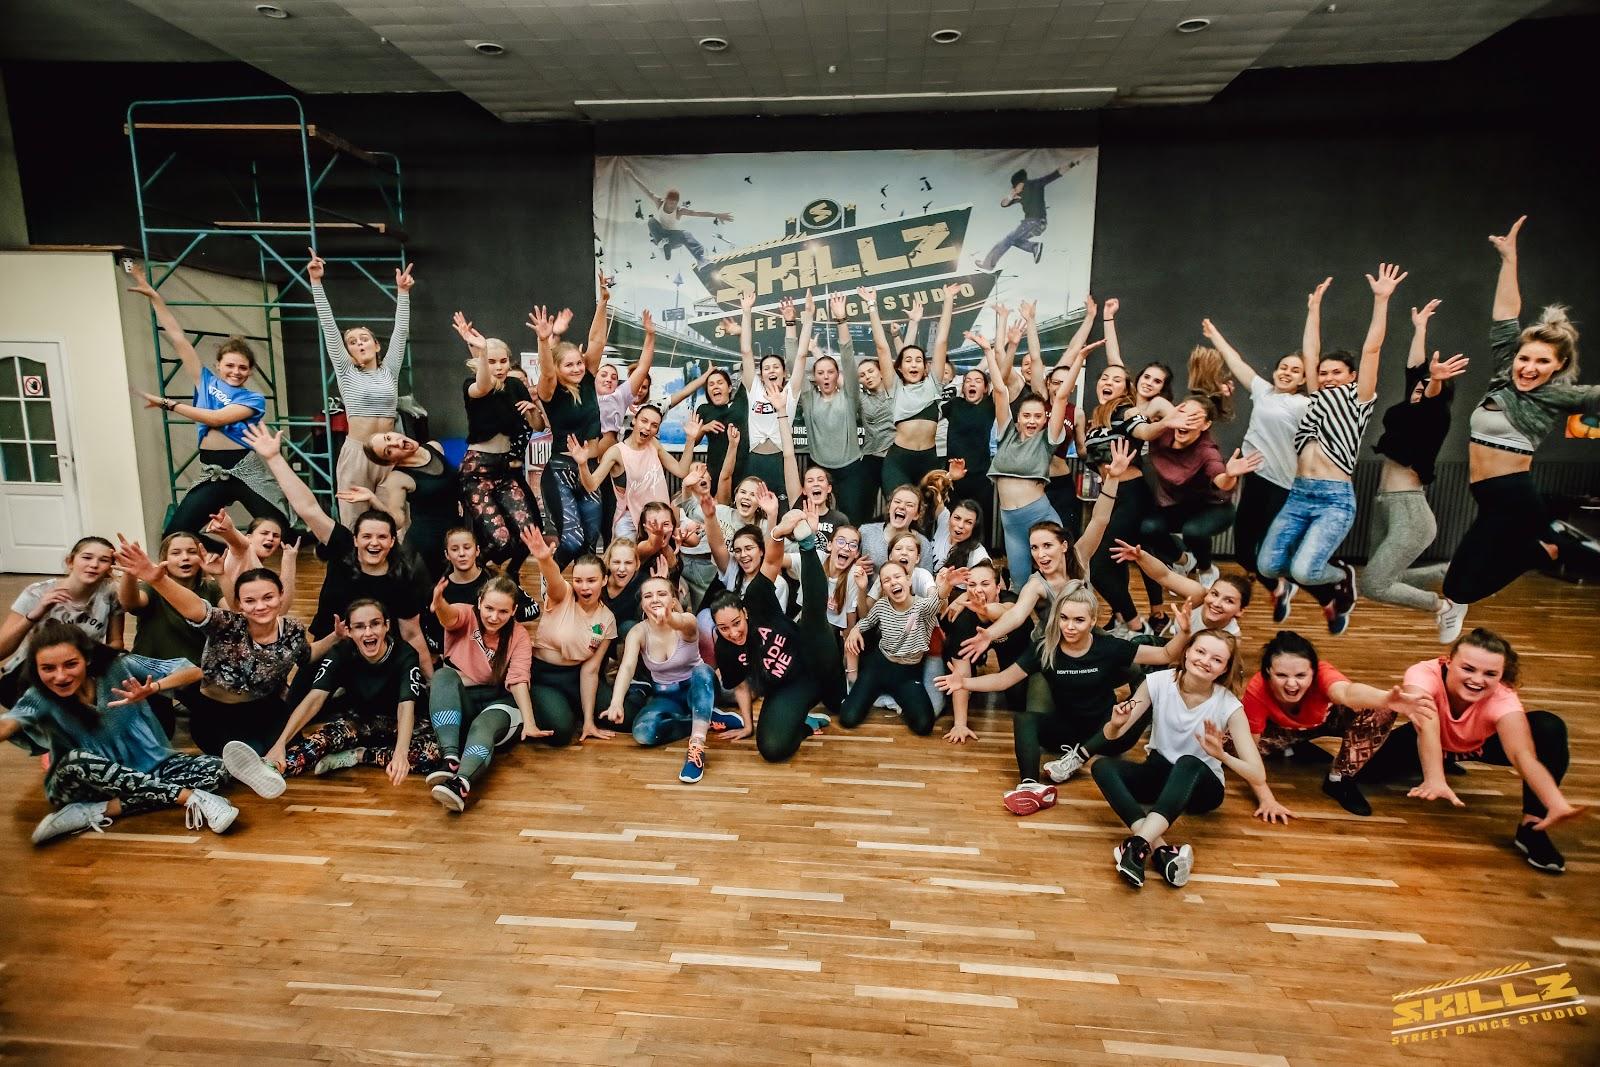 Dancehall Takeover seminarai (Jamaika, Belgija, Prancuzija) - IMG_8421.jpg